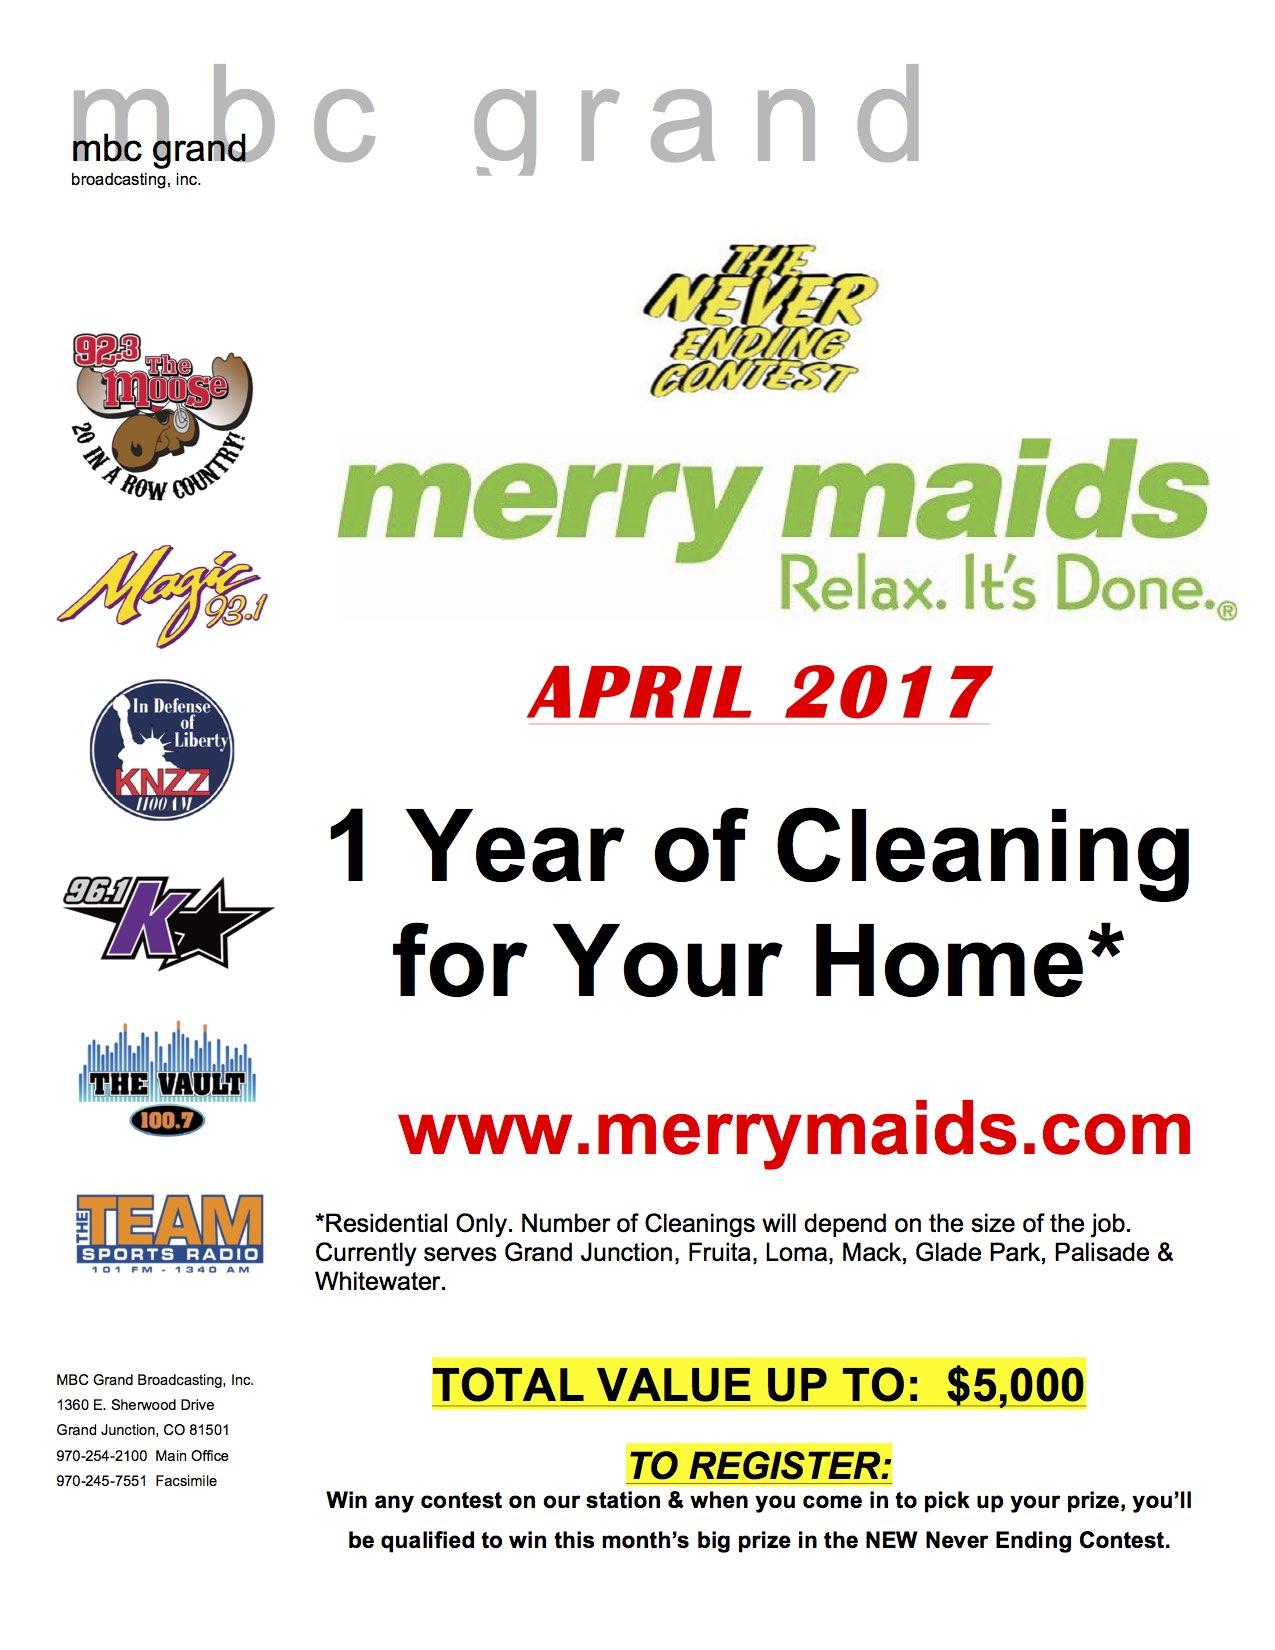 merry-maids-info-sheet-april2017